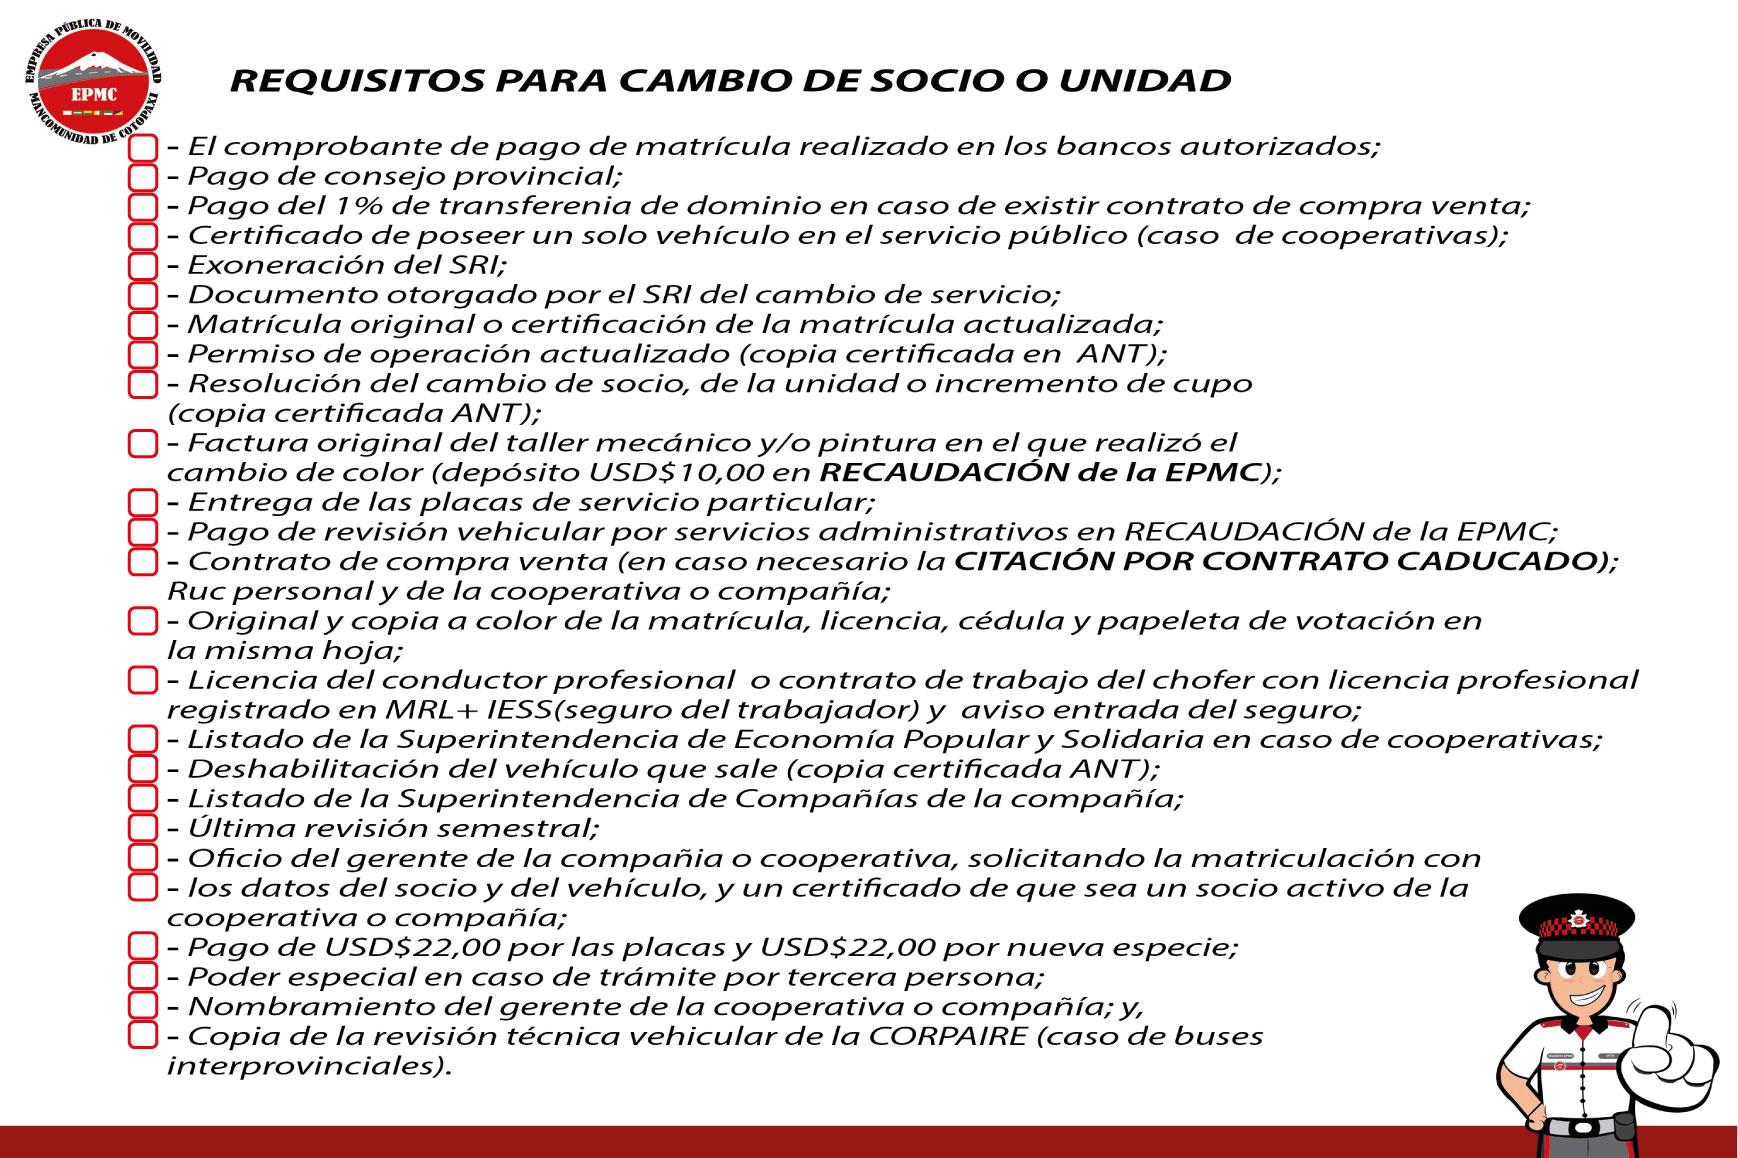 CAMBIO DE SOCIO O UNIDAD